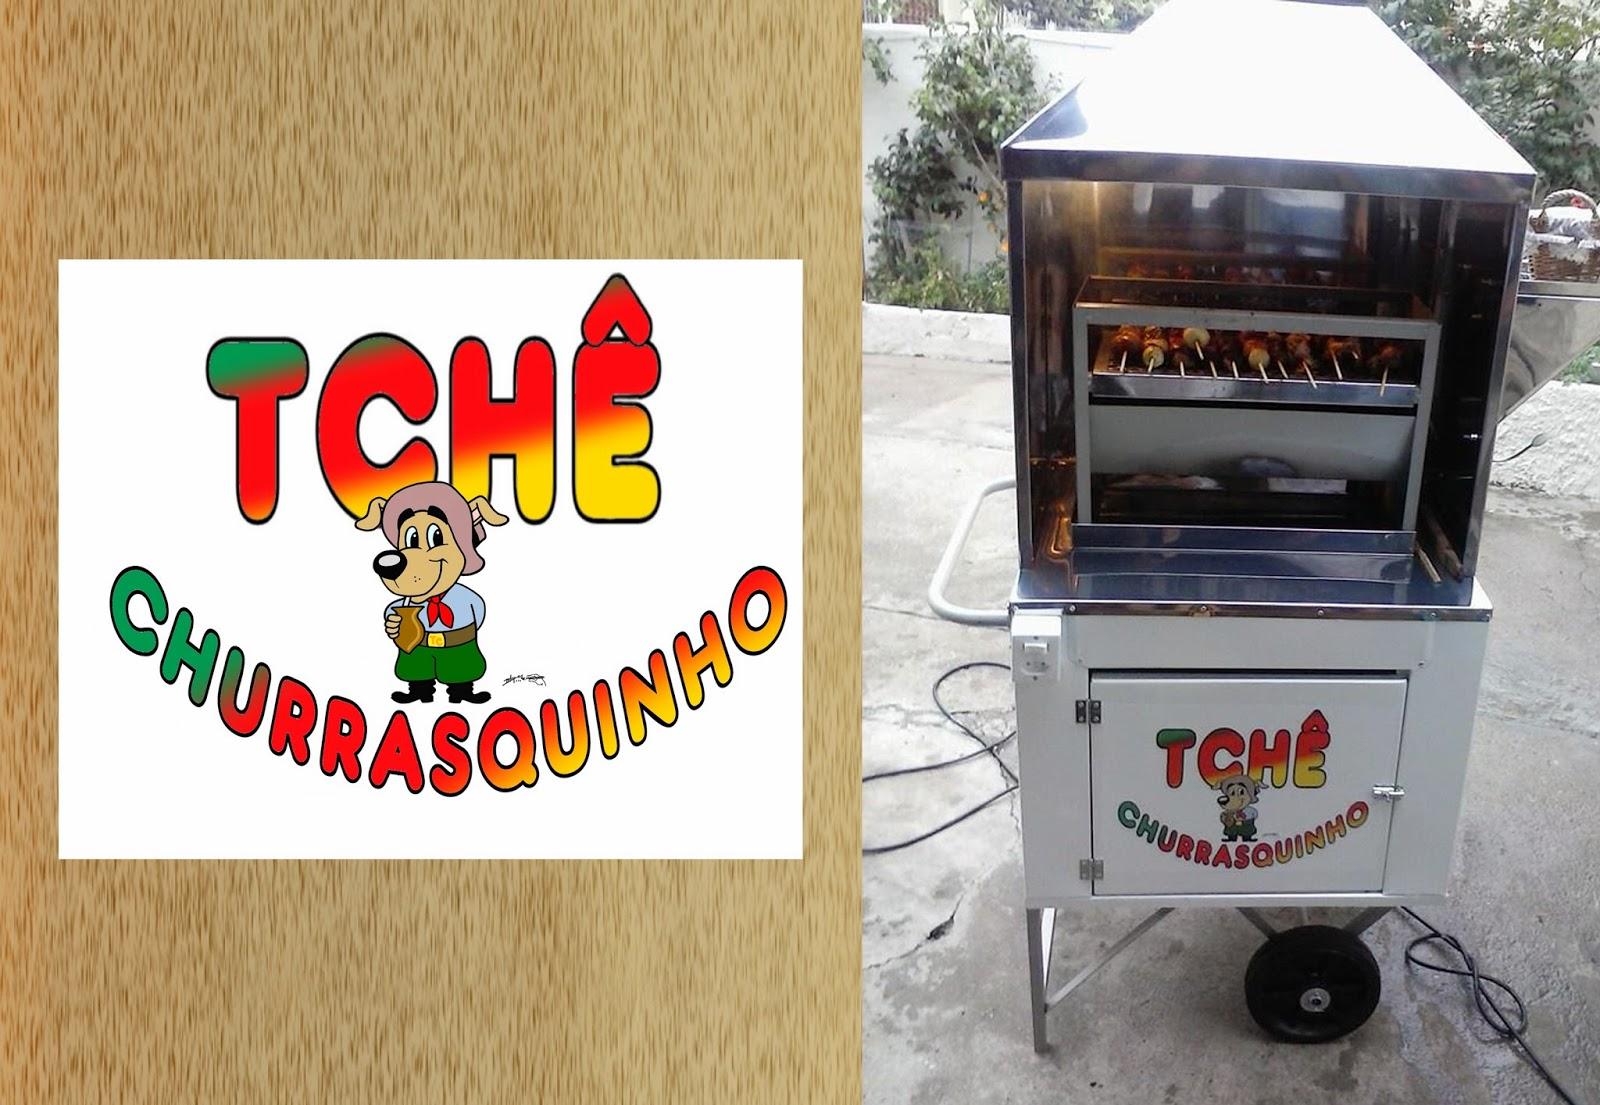 Logomarca Tchê Churrasquinho criada pelo Desenhista Marcelo Lopes de Lopes